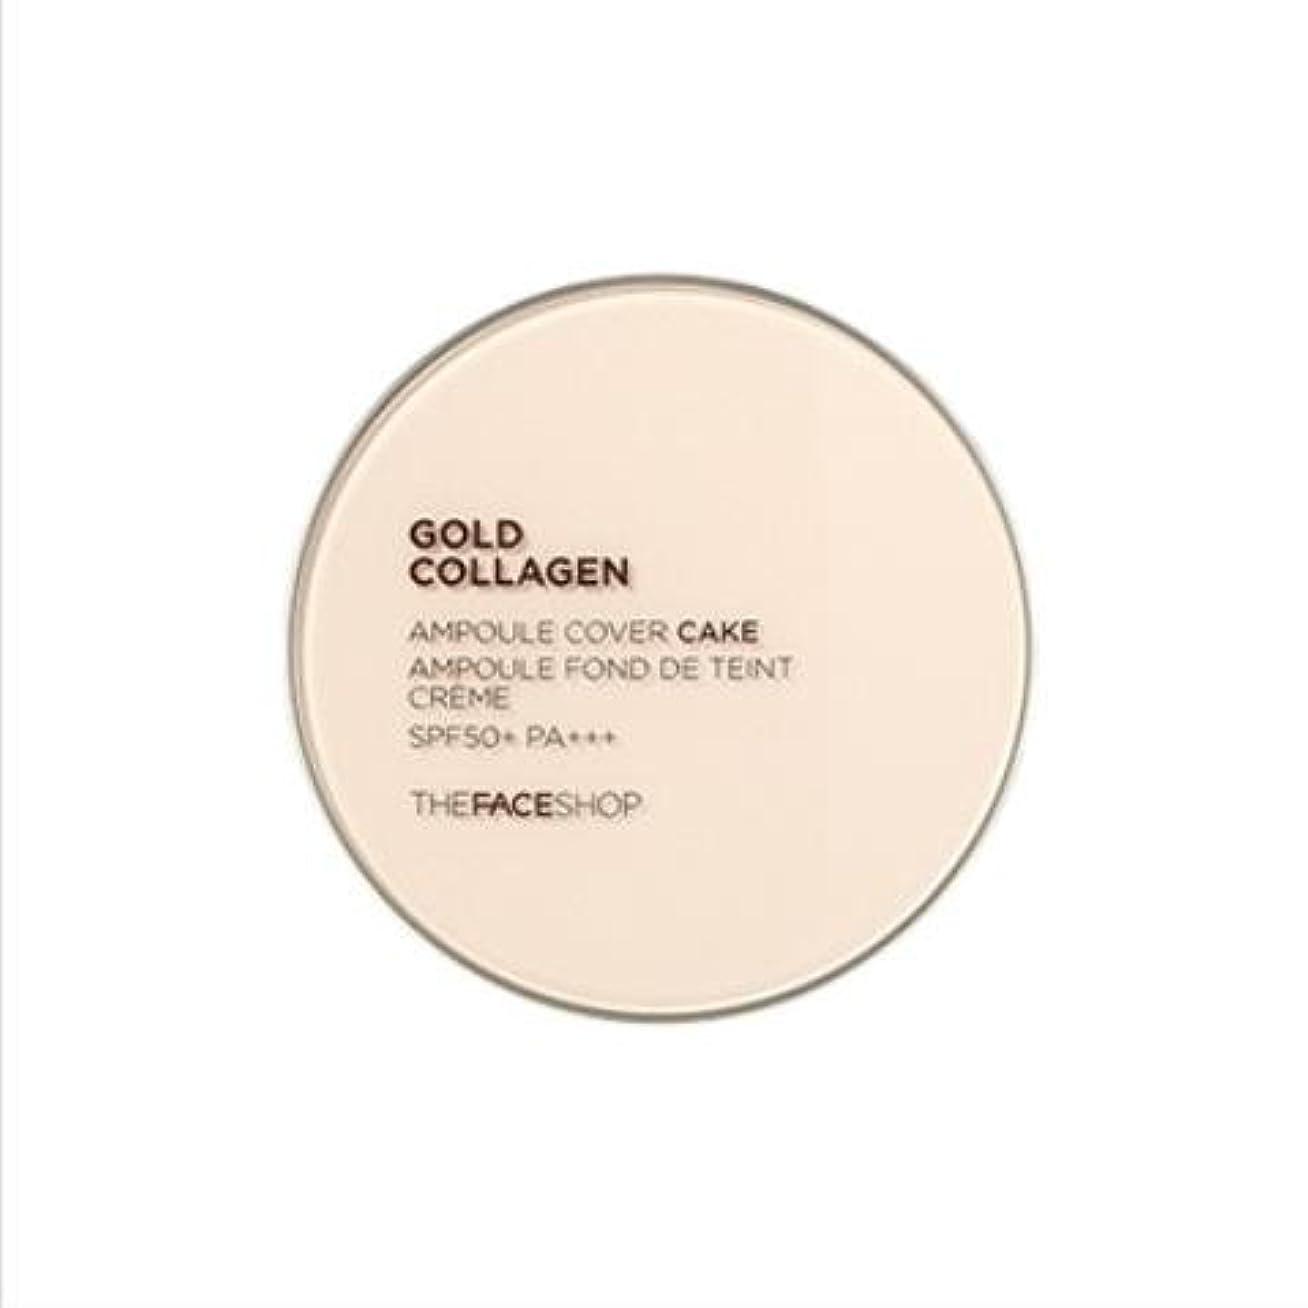 指紋危機辛な[ザフェイスショップ] THE FACE SHOP [ゴールドコラーゲンアンプルカバー SPF50 PA+++ V201 APRICOT BEIGE] (GOLD COLLAGEN AMPOULE COVER CAKE SPF50 PA+++ V201 APRICOT BEIGE) [並行輸入品]